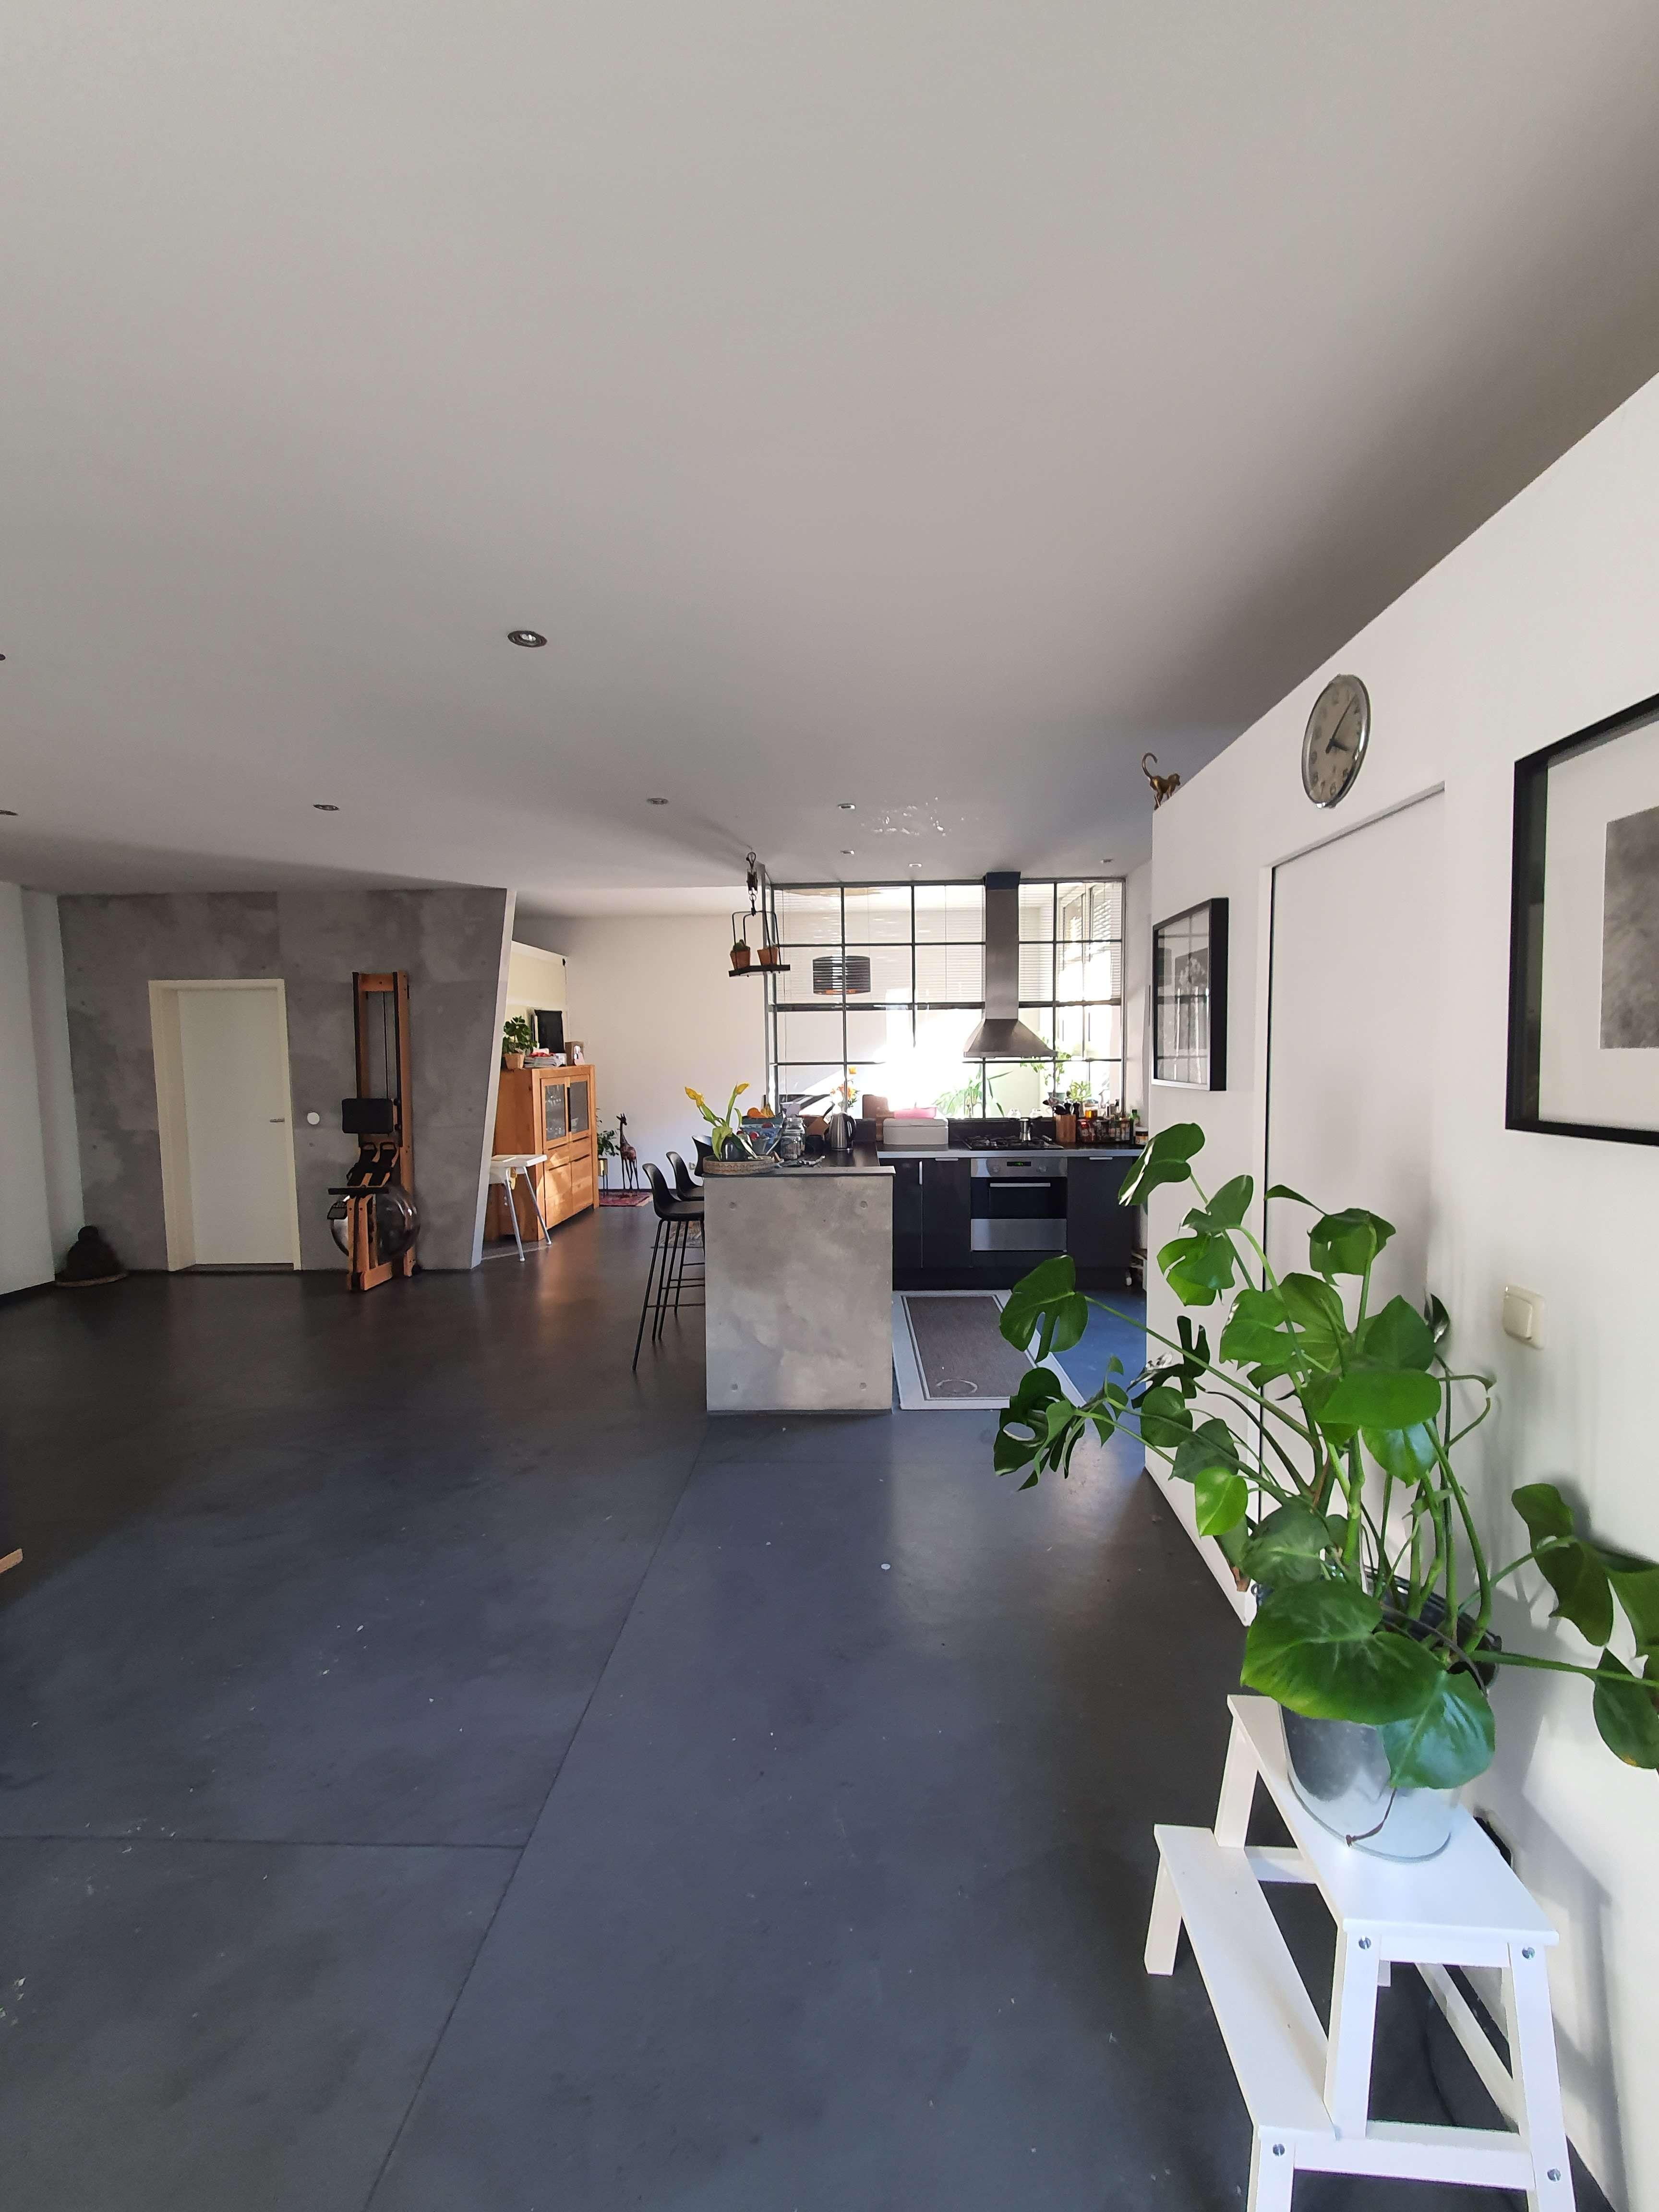 Hinterhof-Loft-Wohnung mit Balkon und Einbauküche in St. Johannis - Krugstraße in